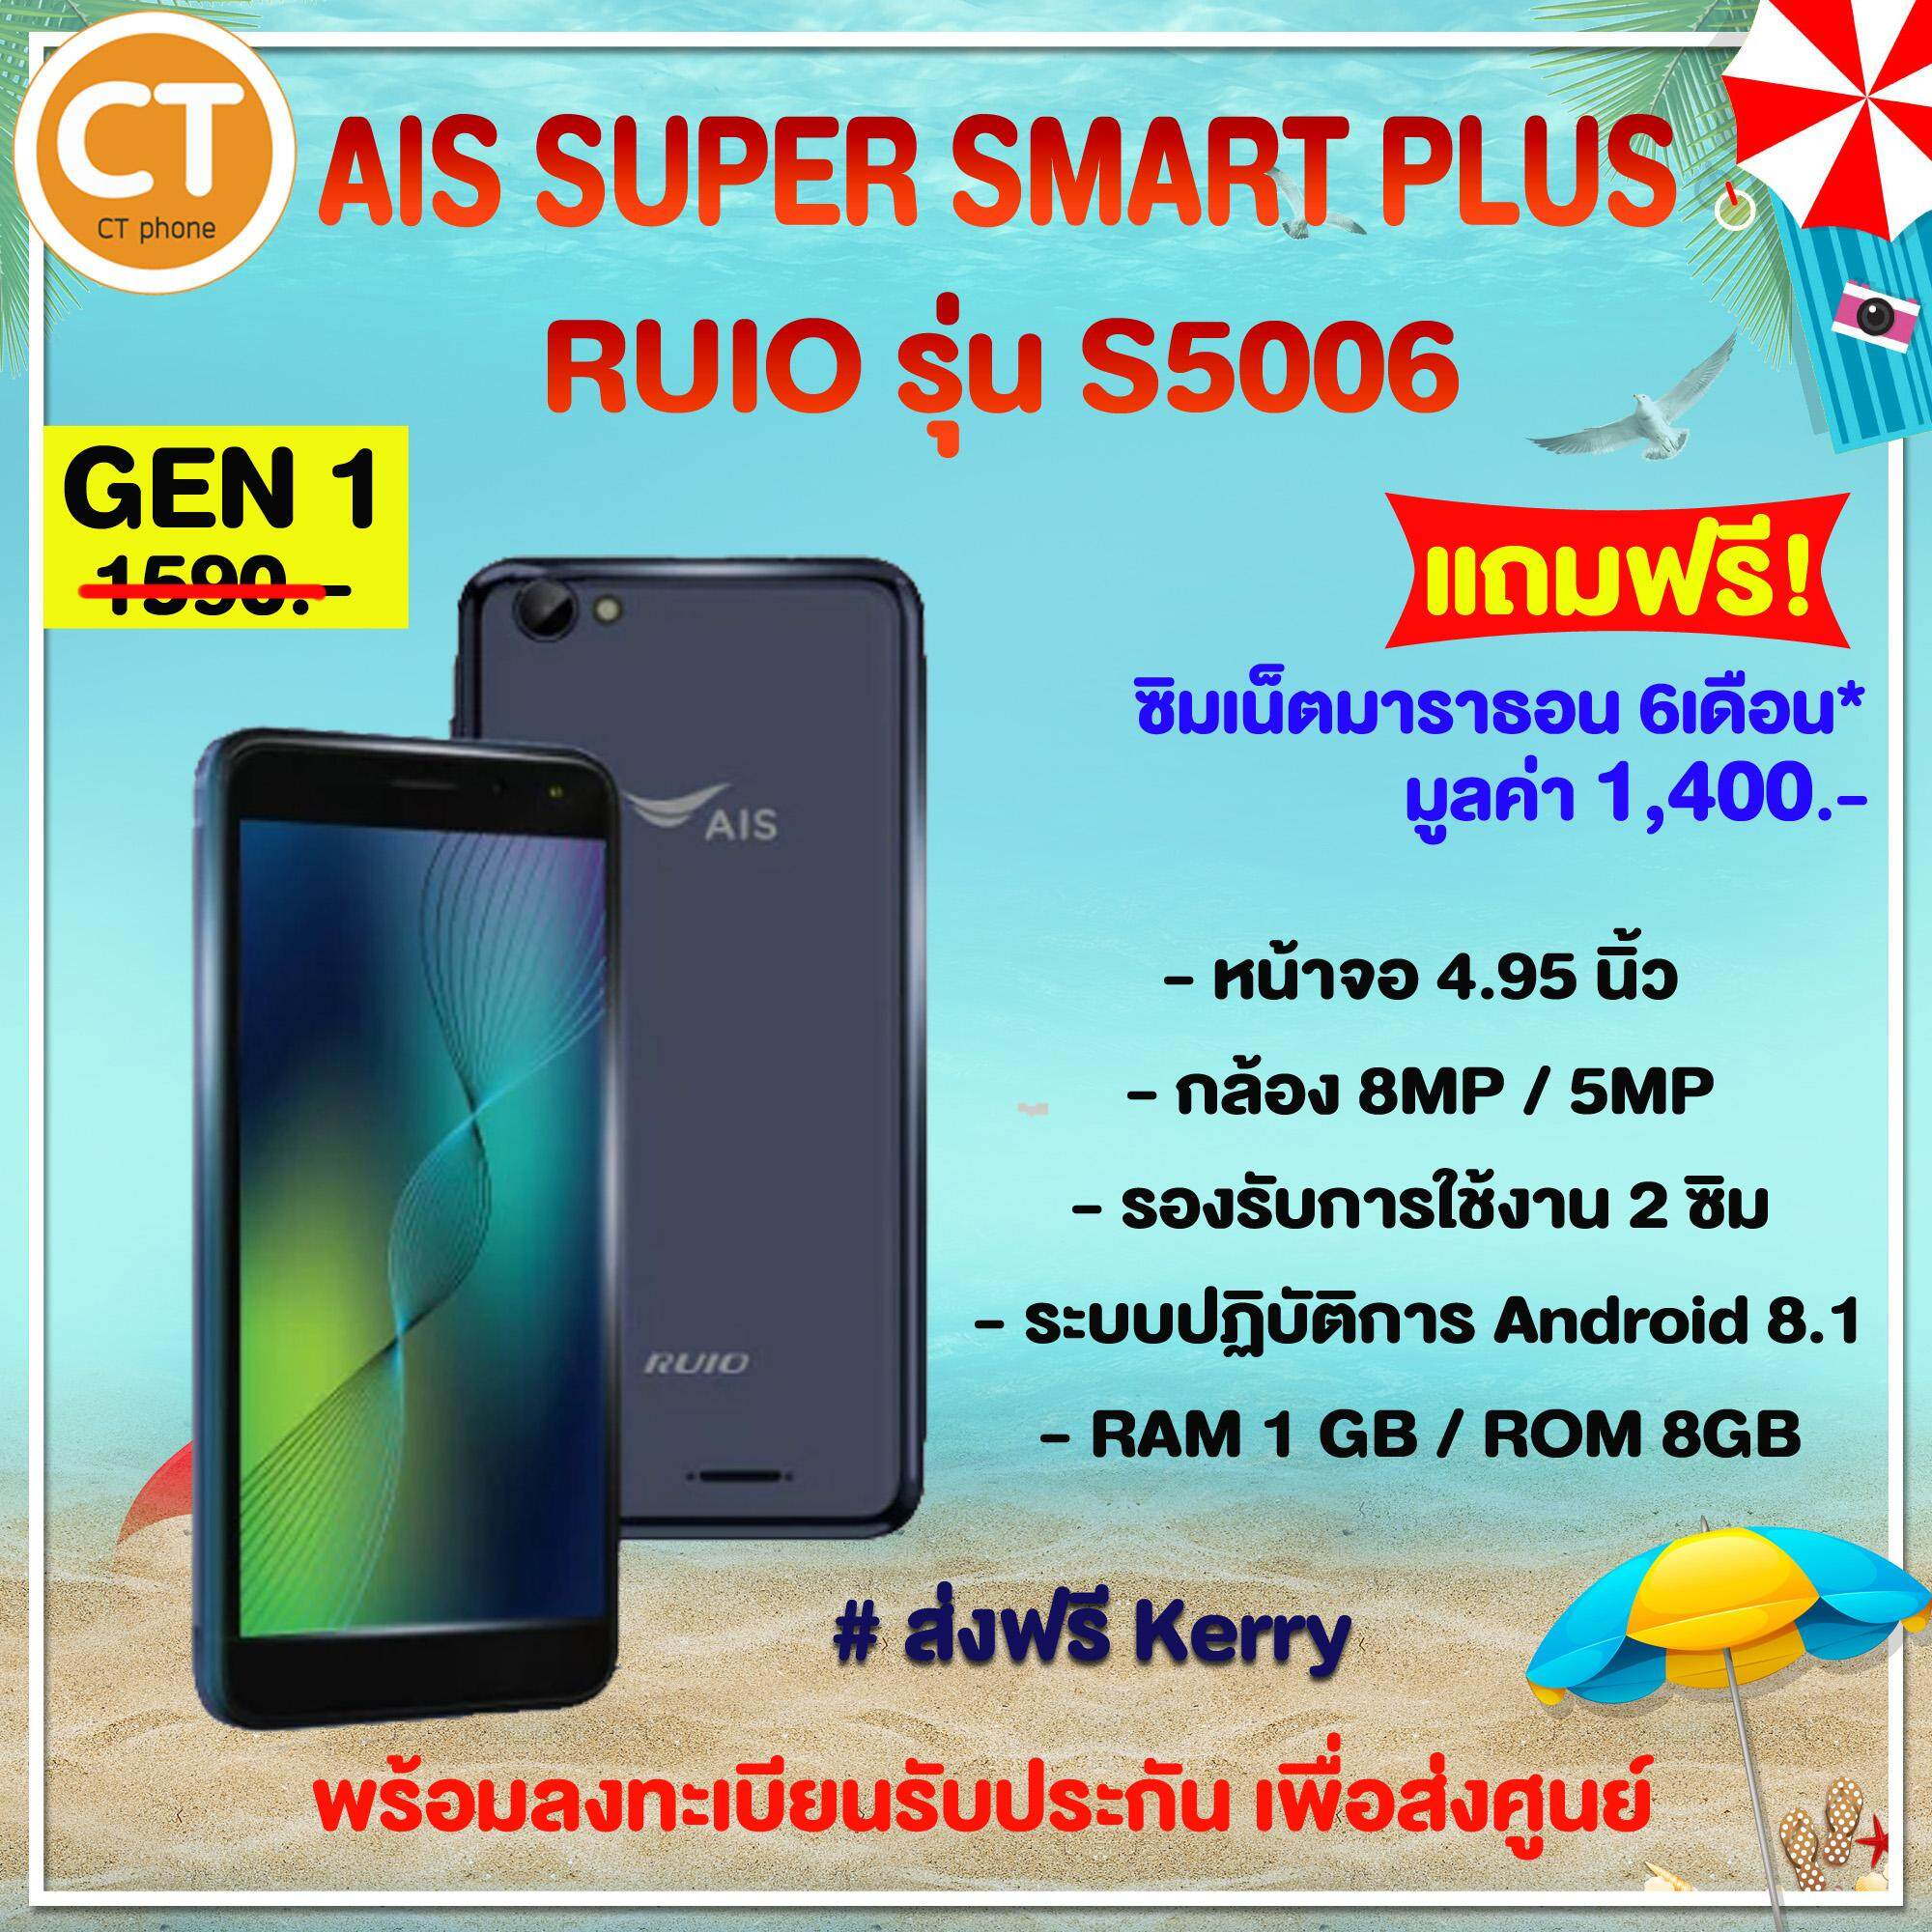 ขายดีมาก! Gen1 Super Smart Plus RUIO รุ่น S5006 พร้อมลงทะเบียนรับประกัน ส่งฟรีKerry